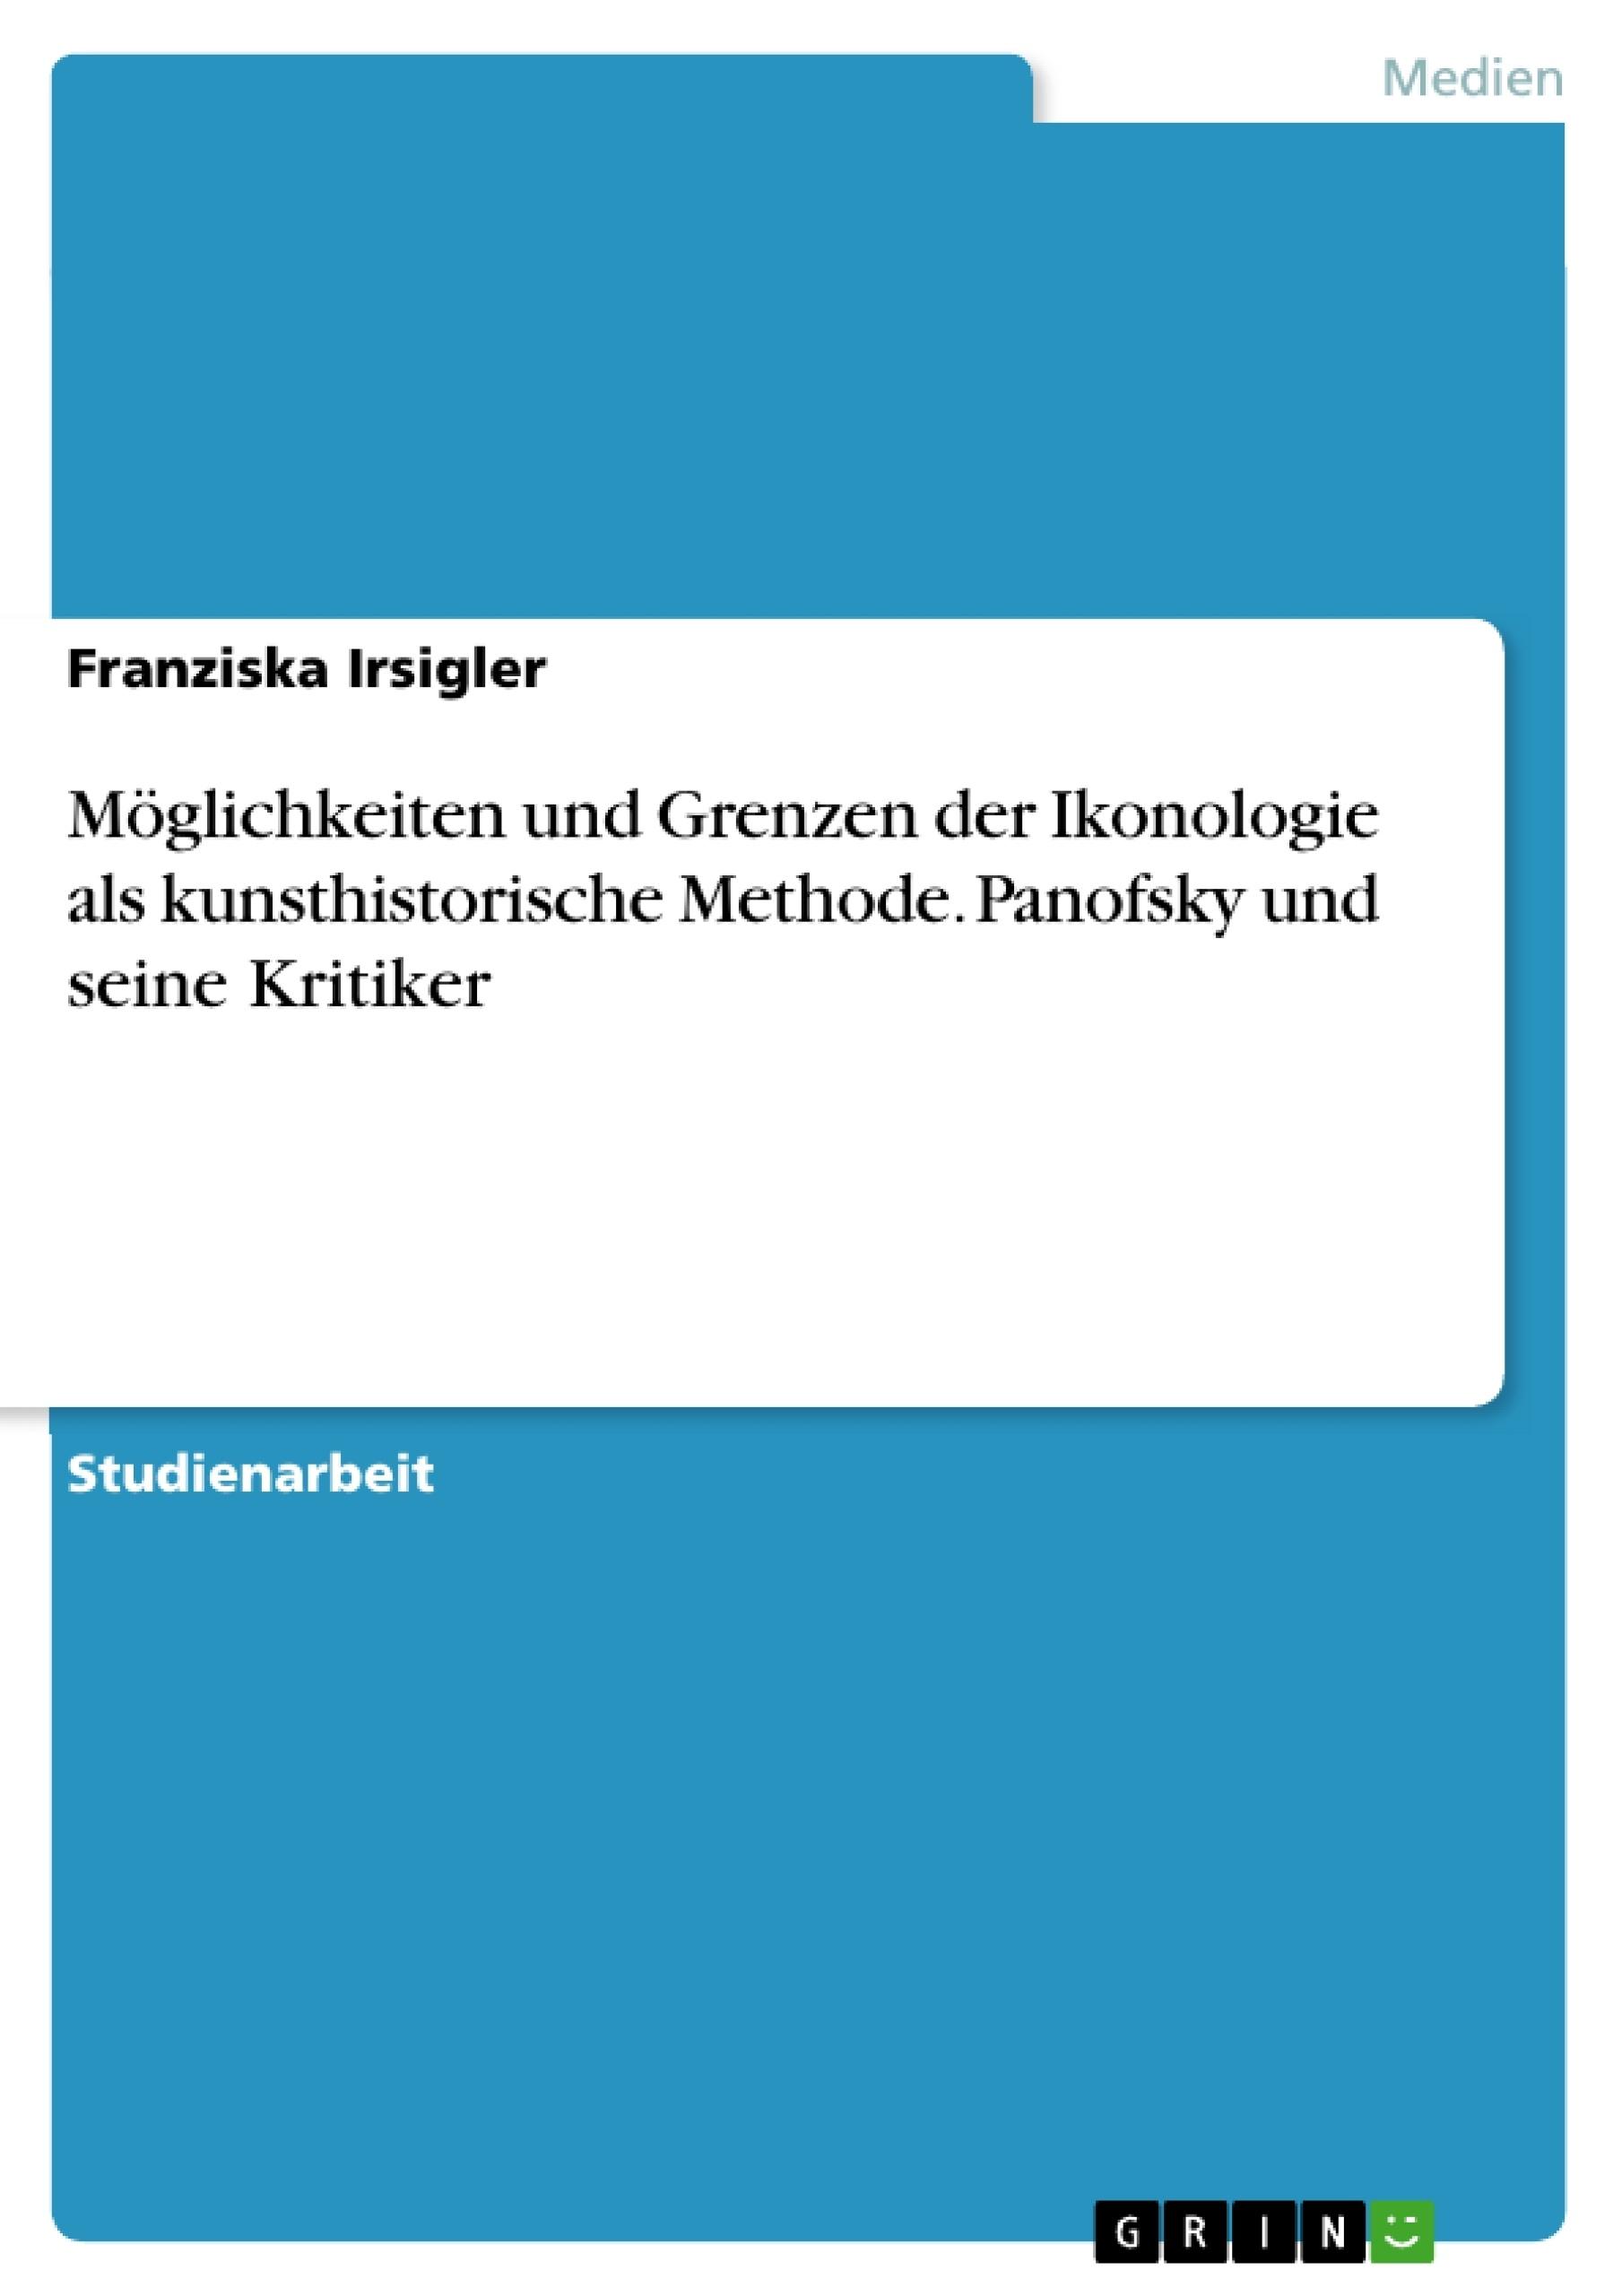 Titel: Möglichkeiten und Grenzen der Ikonologie als kunsthistorische Methode. Panofsky und seine Kritiker